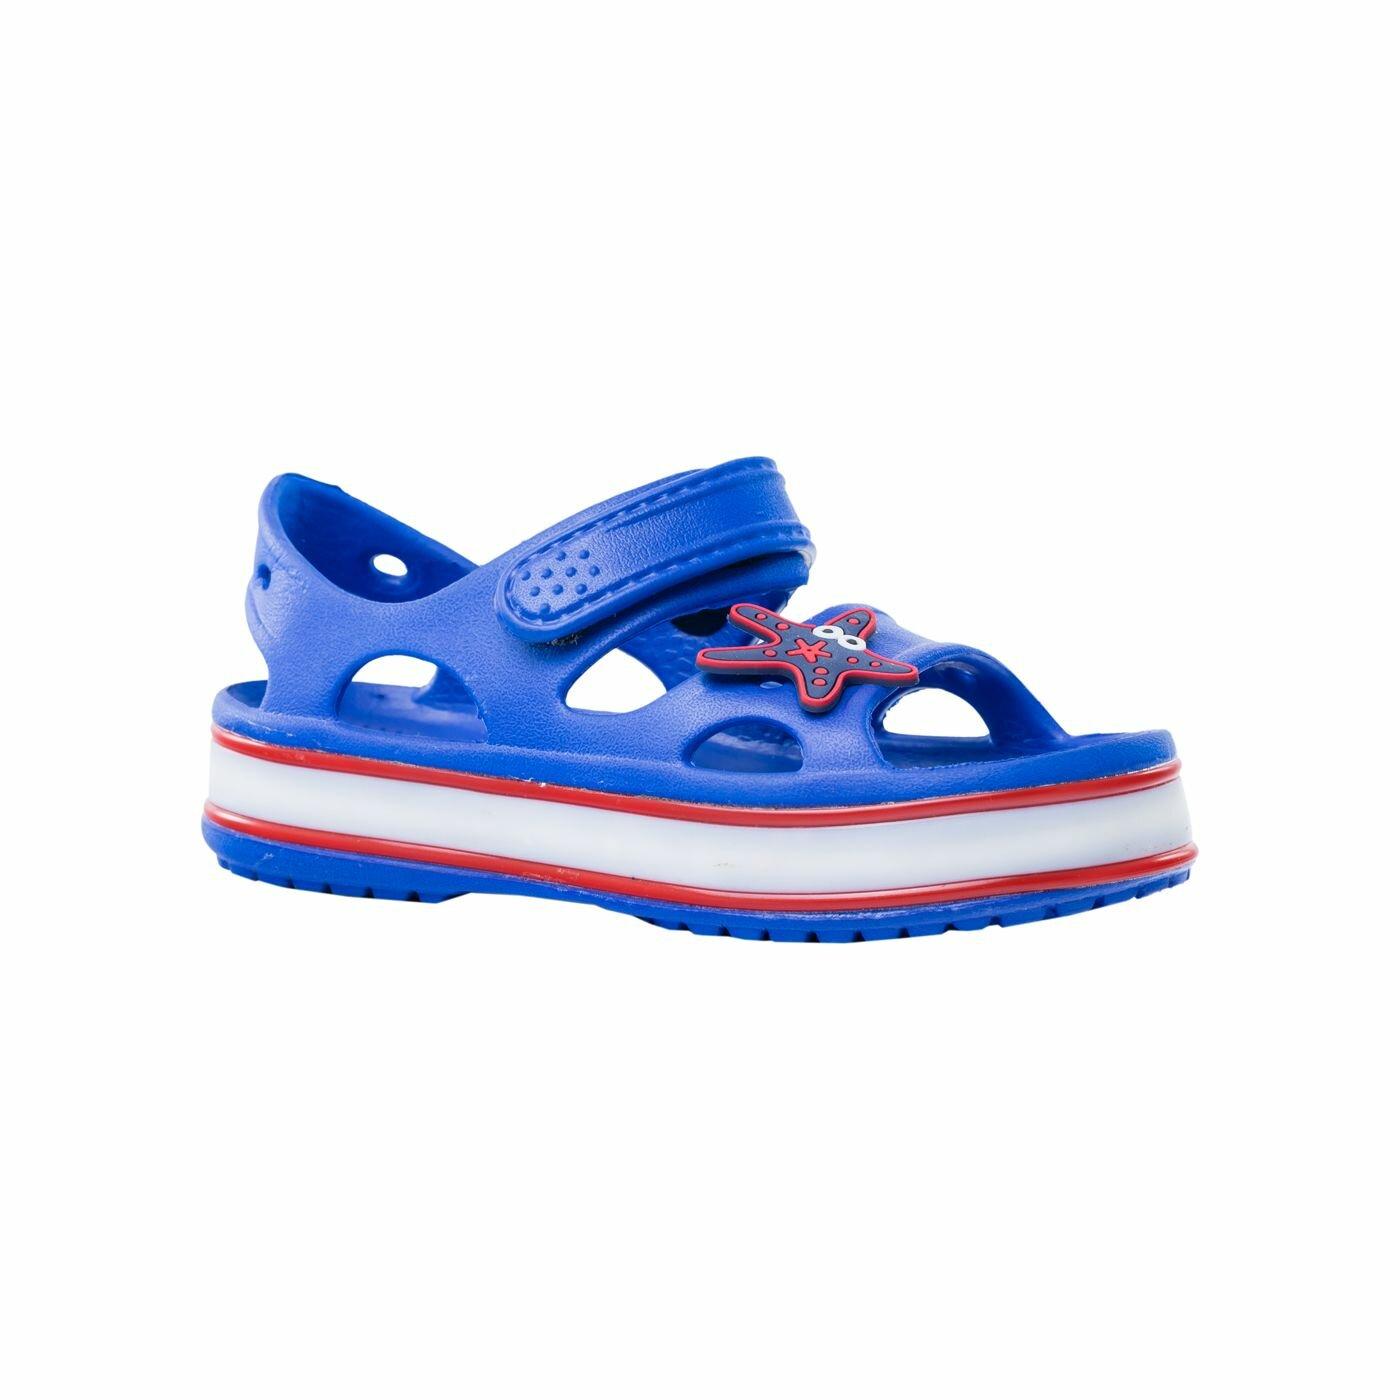 325077-03 Пляжная обувь для мальчиков